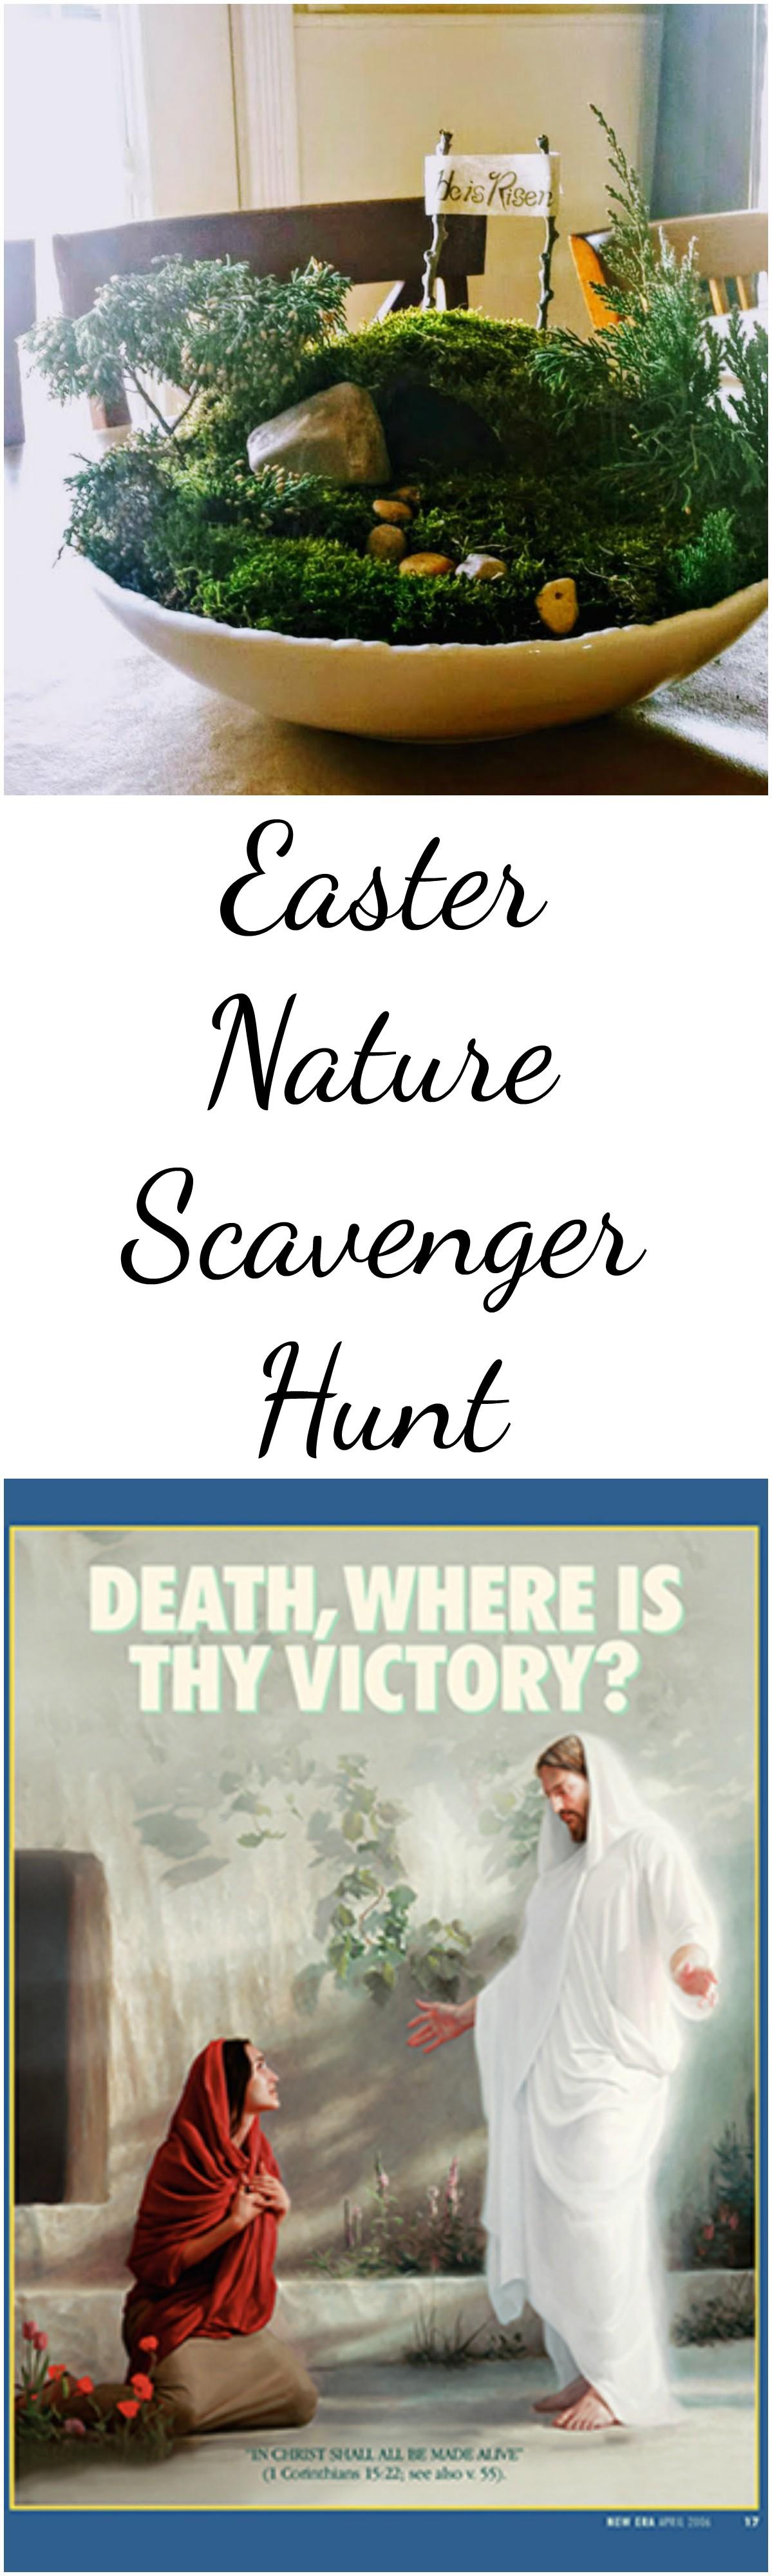 Easter Nature Scavenger Hunt